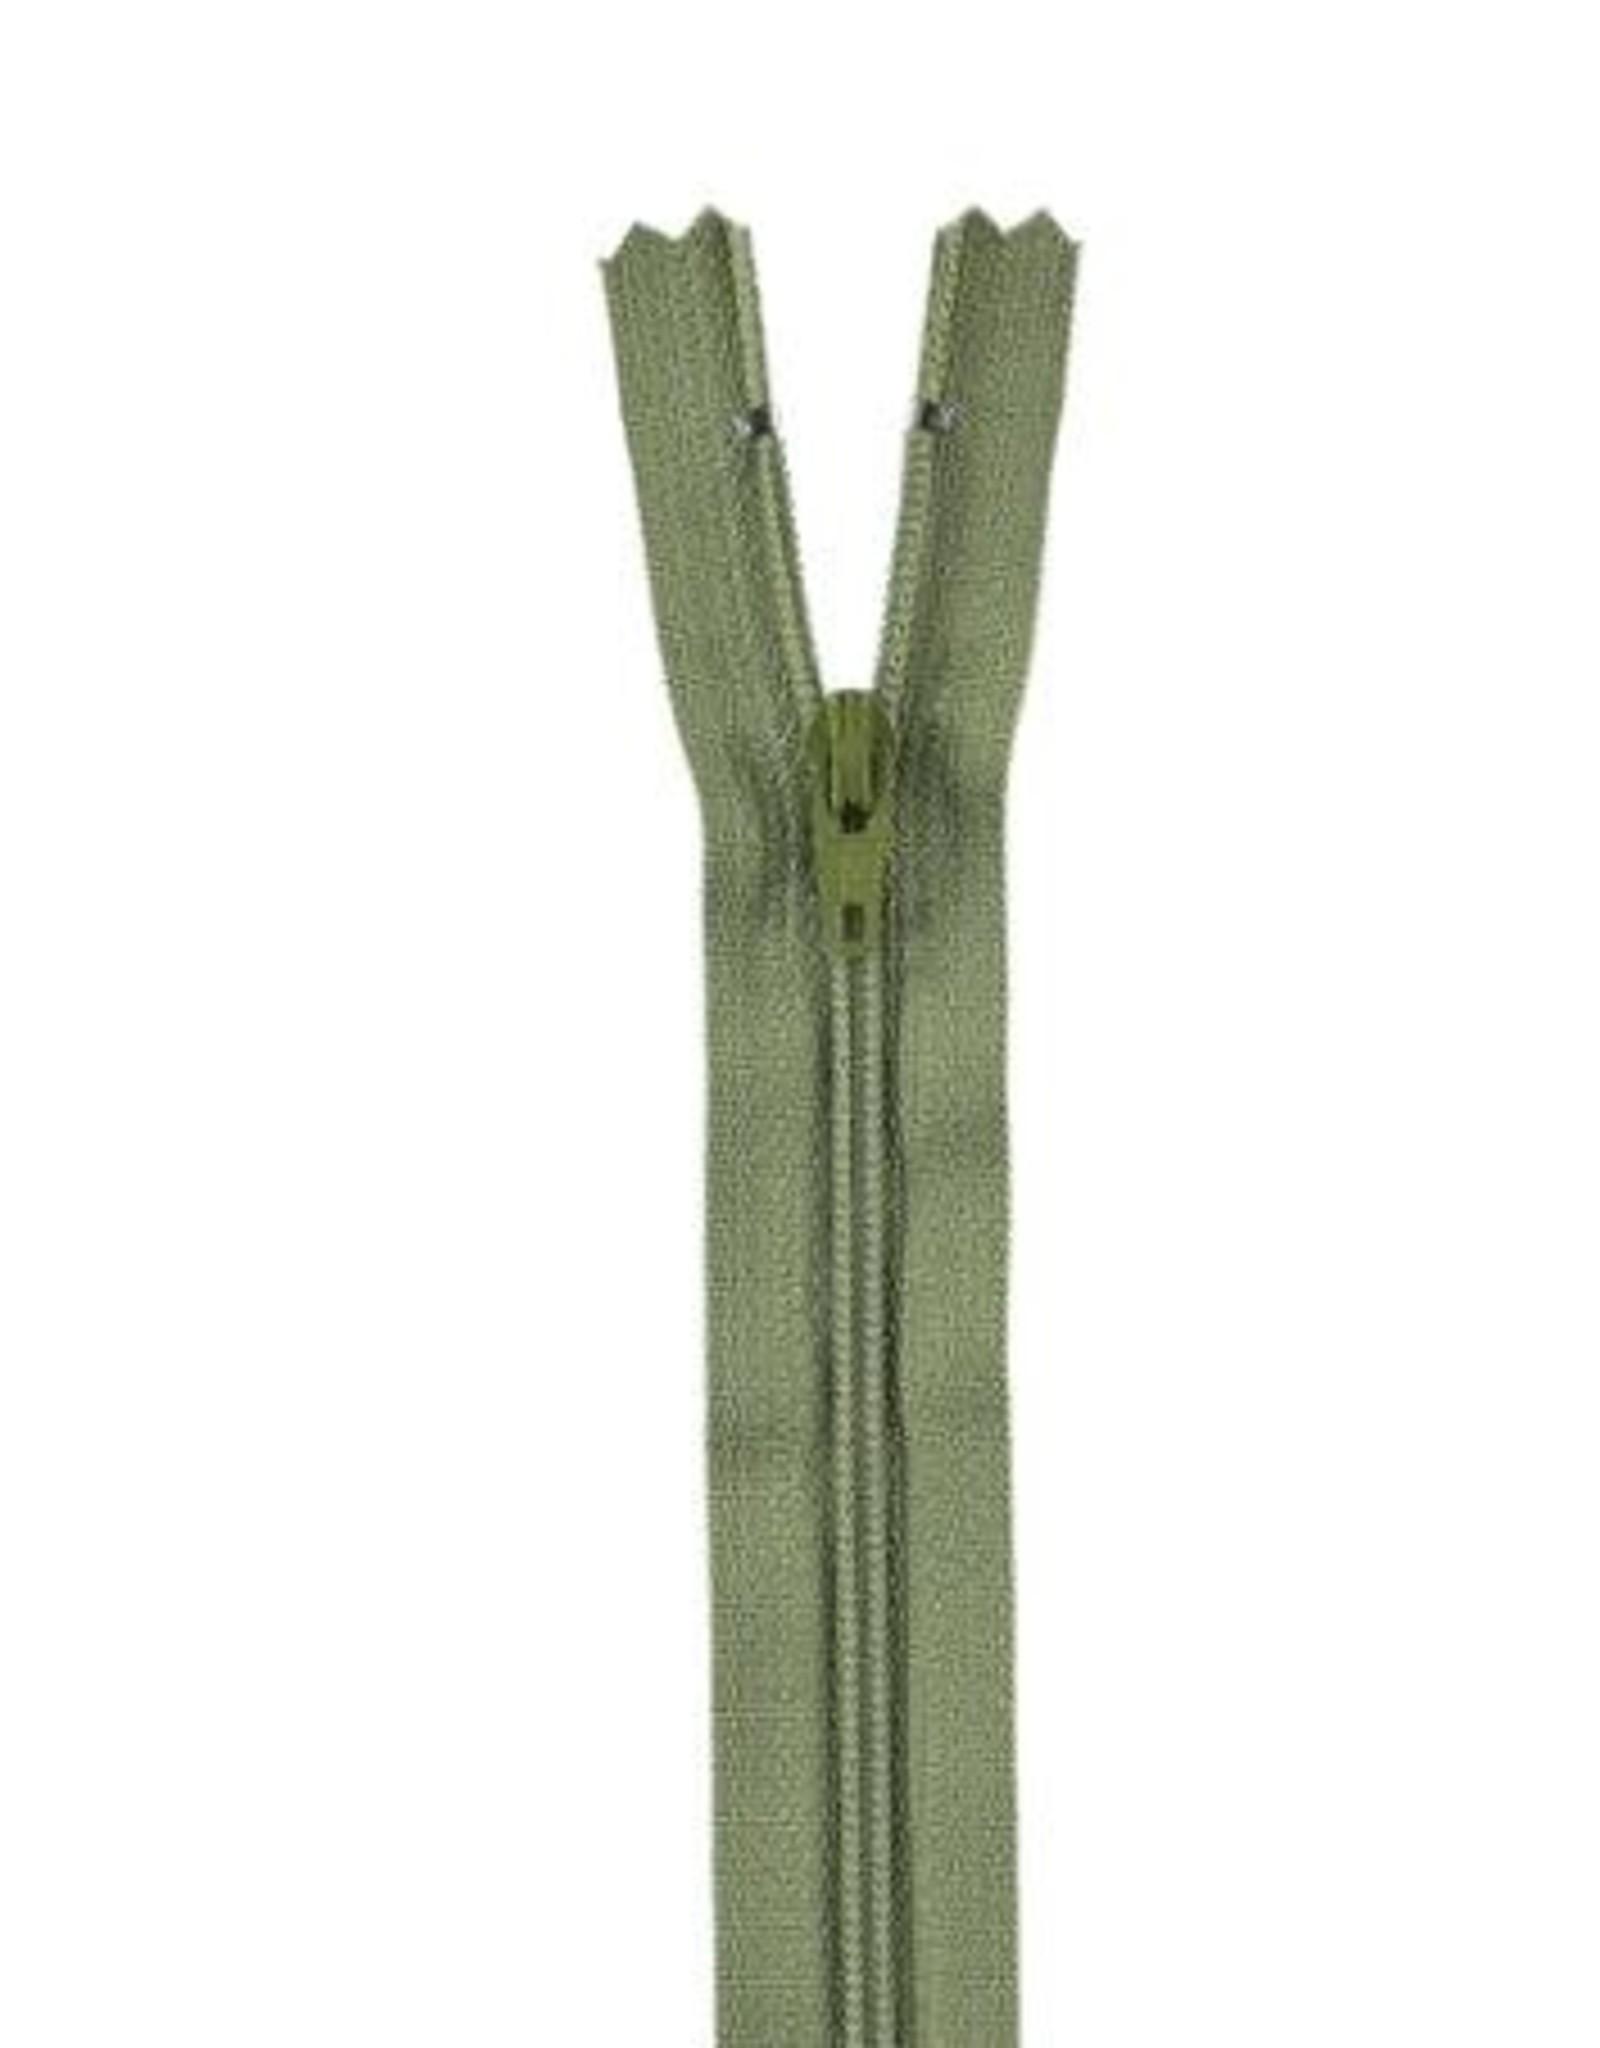 YKK Spiraalrits niet-DB 3mm mosgroen 888-22cm